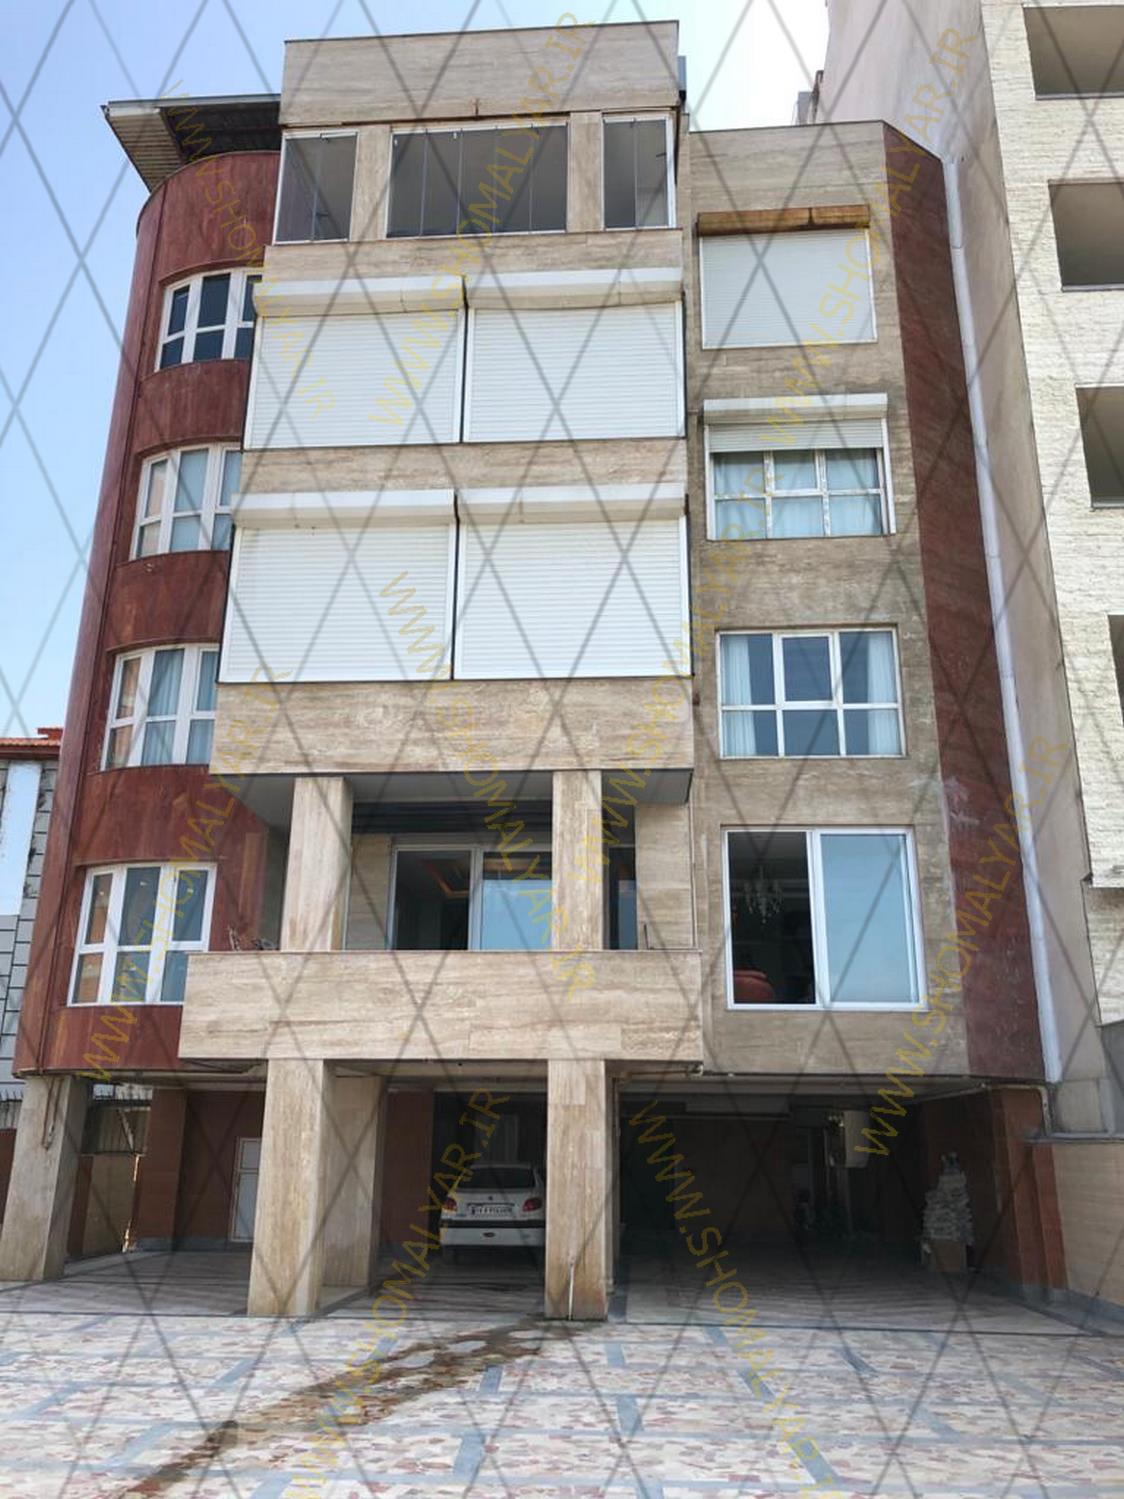 190 متر آپارتمان فوق العاده شیک و مدرن قطعه اول آب